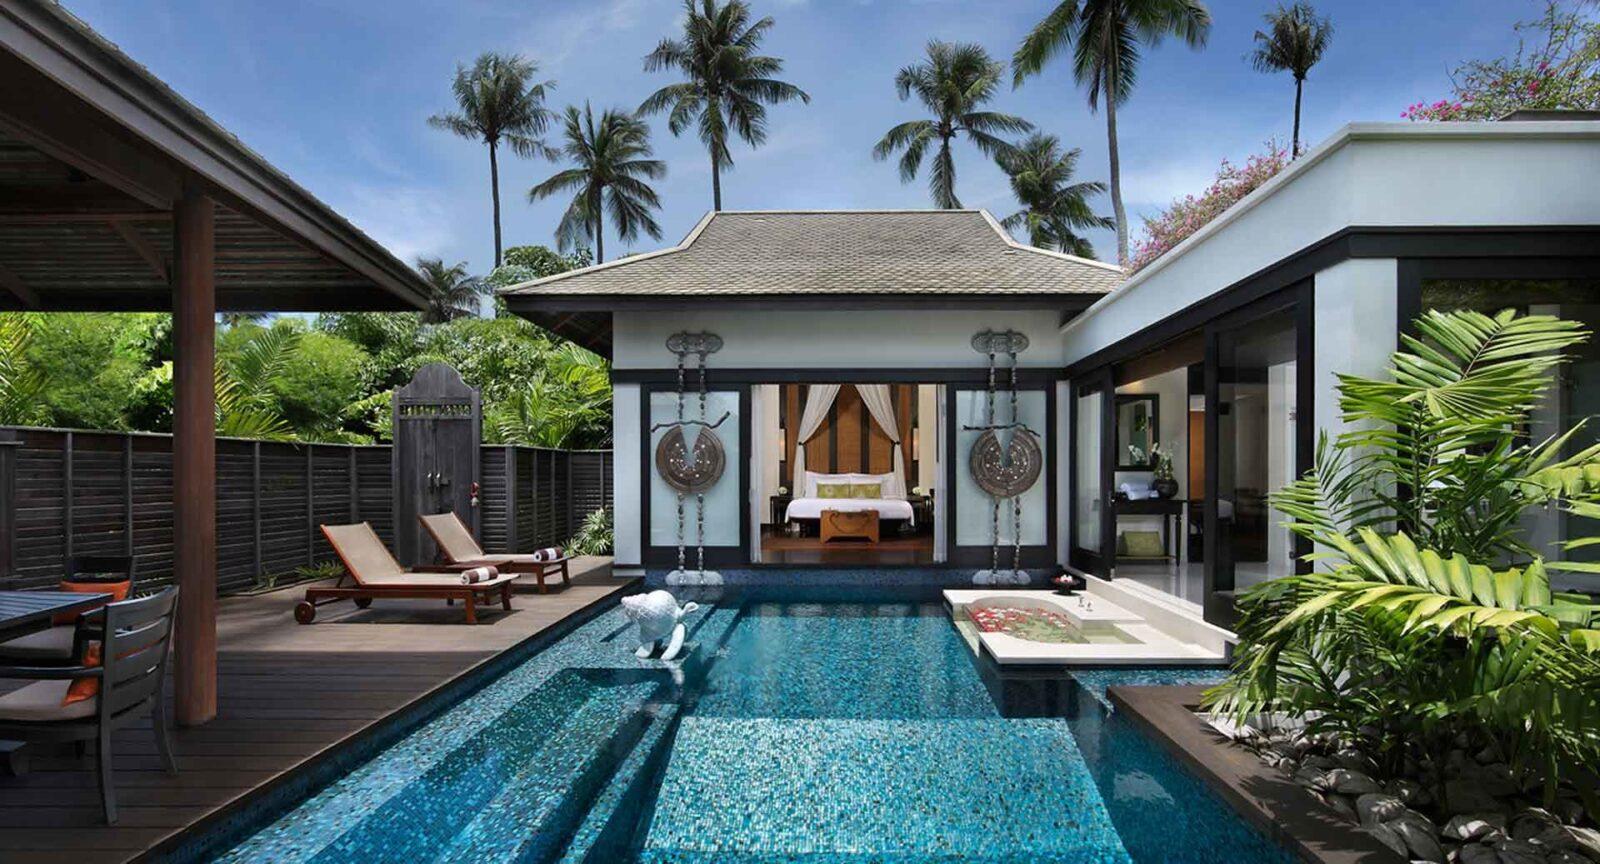 Promo-Aktion für Anantara Resorts in Phuket